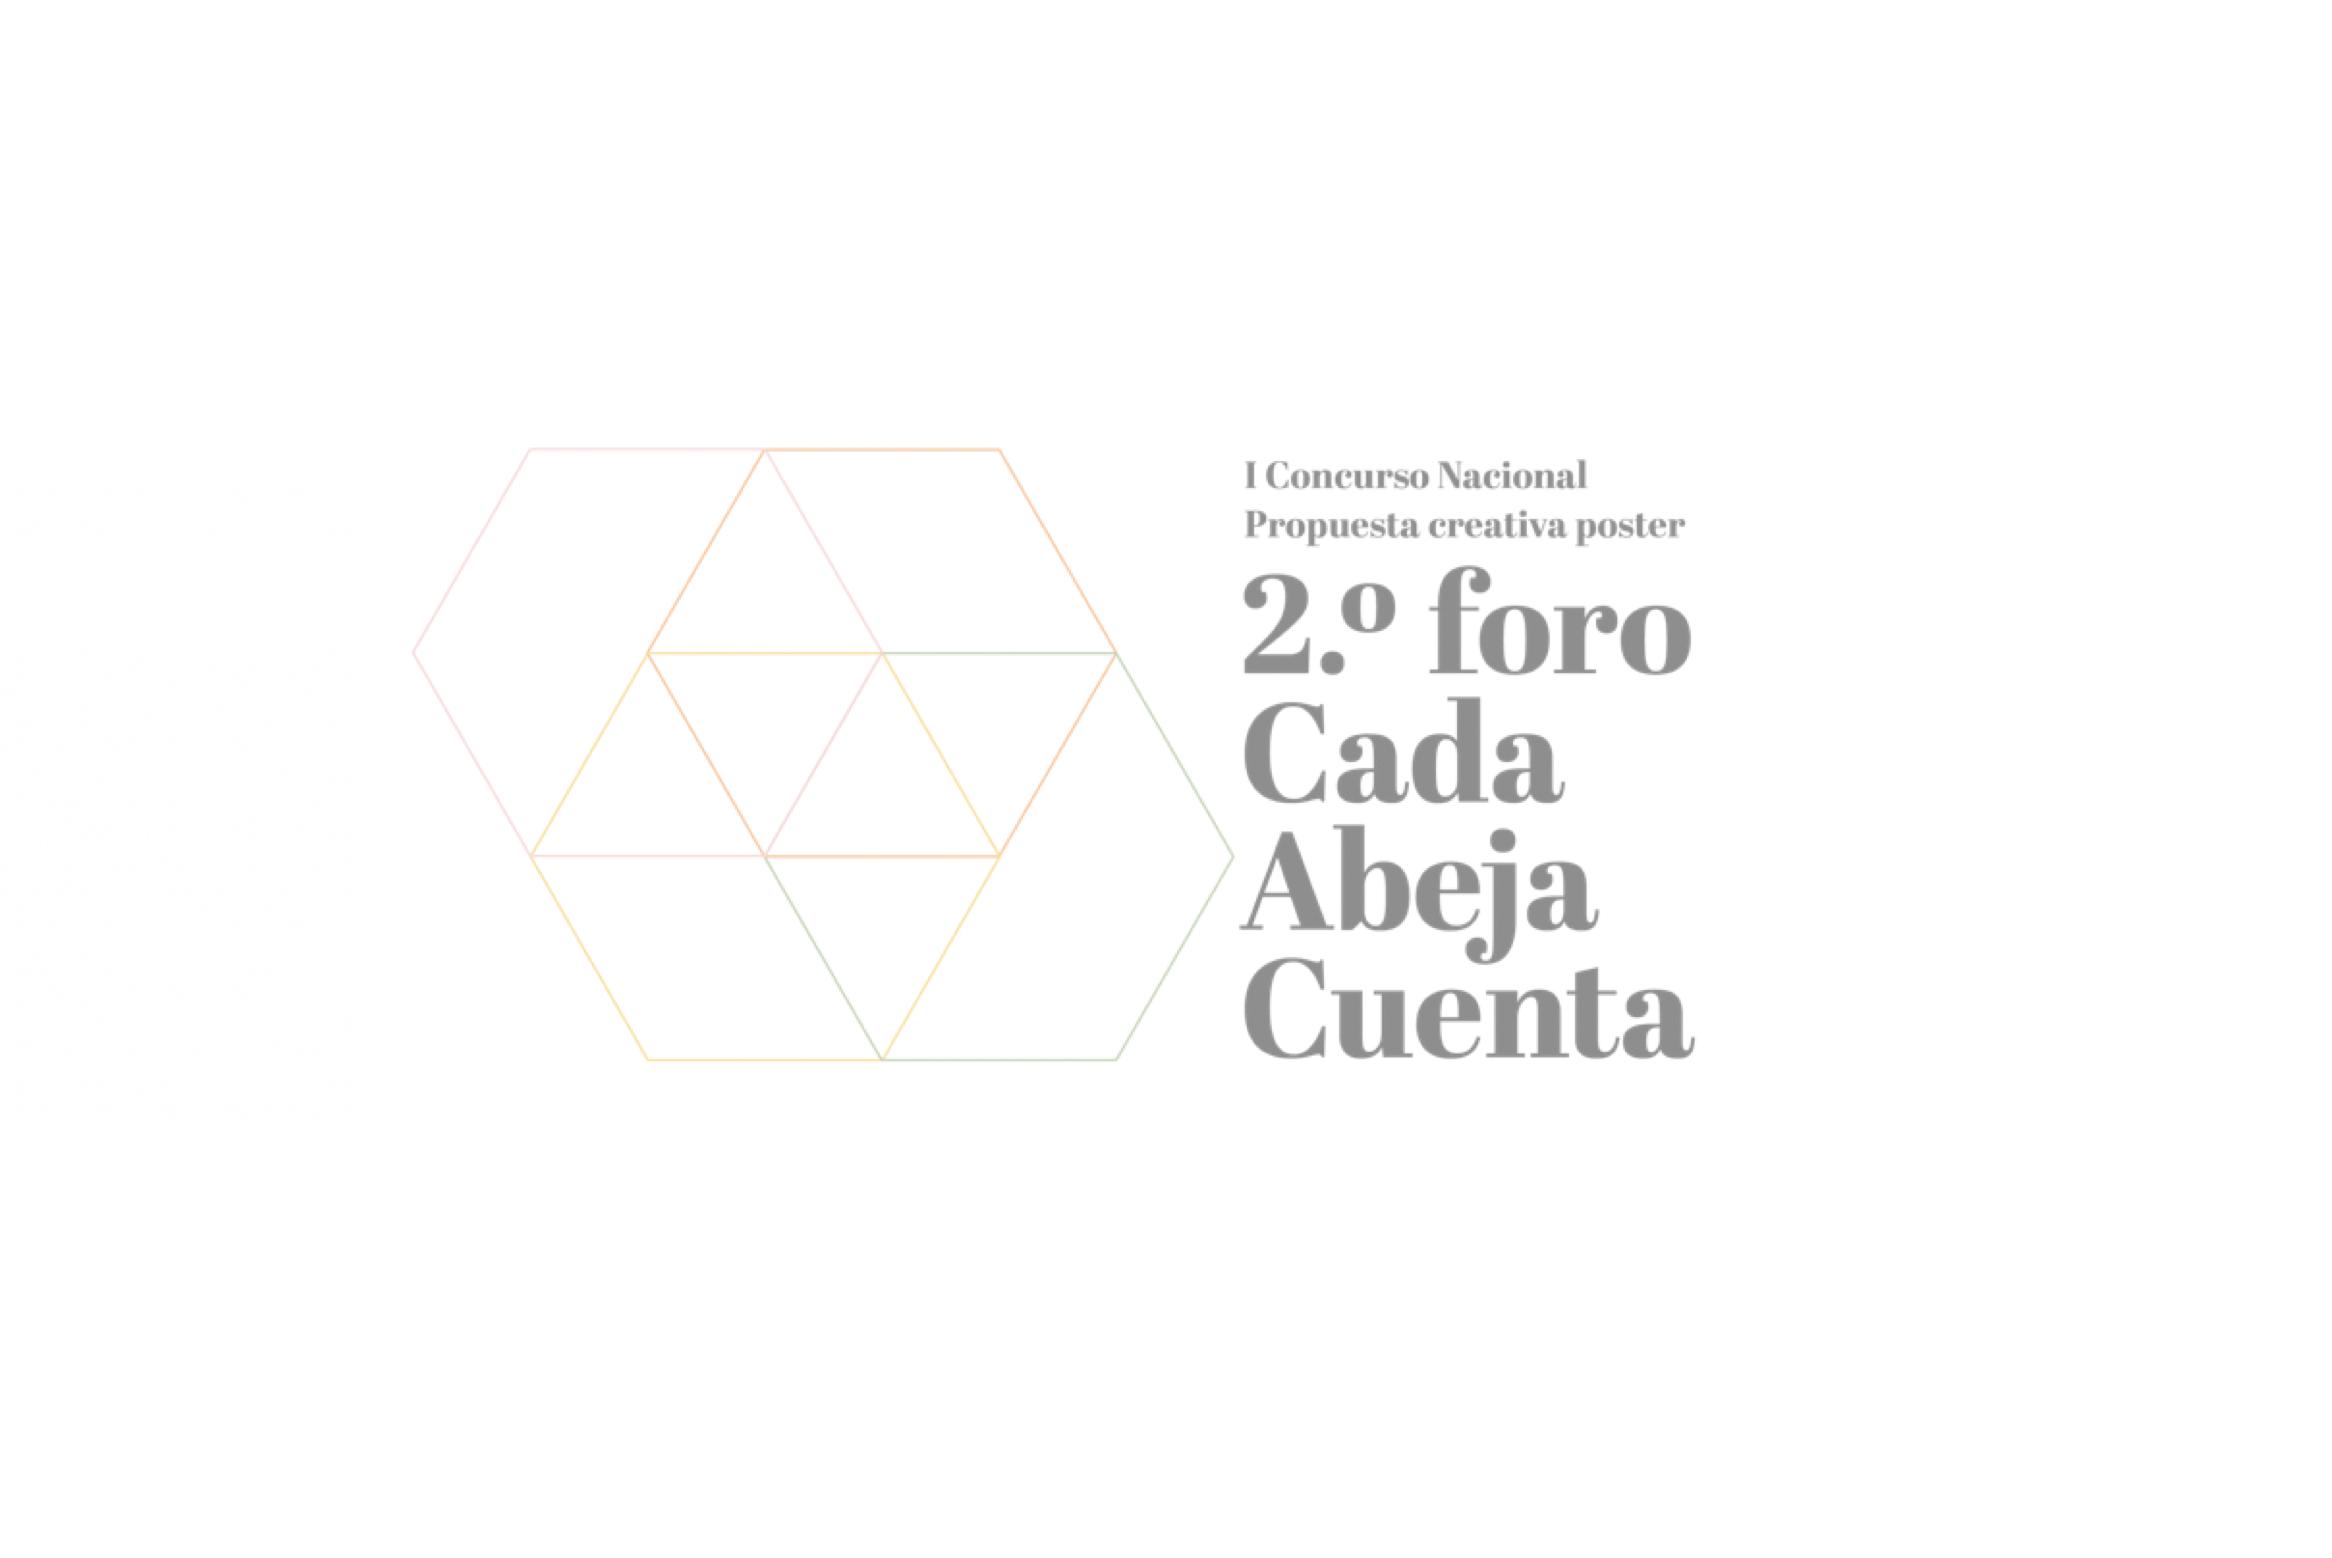 La iniciativa medioambiental Cada Abeja Cuenta busca creativo para diseñar su imagen para el 2022